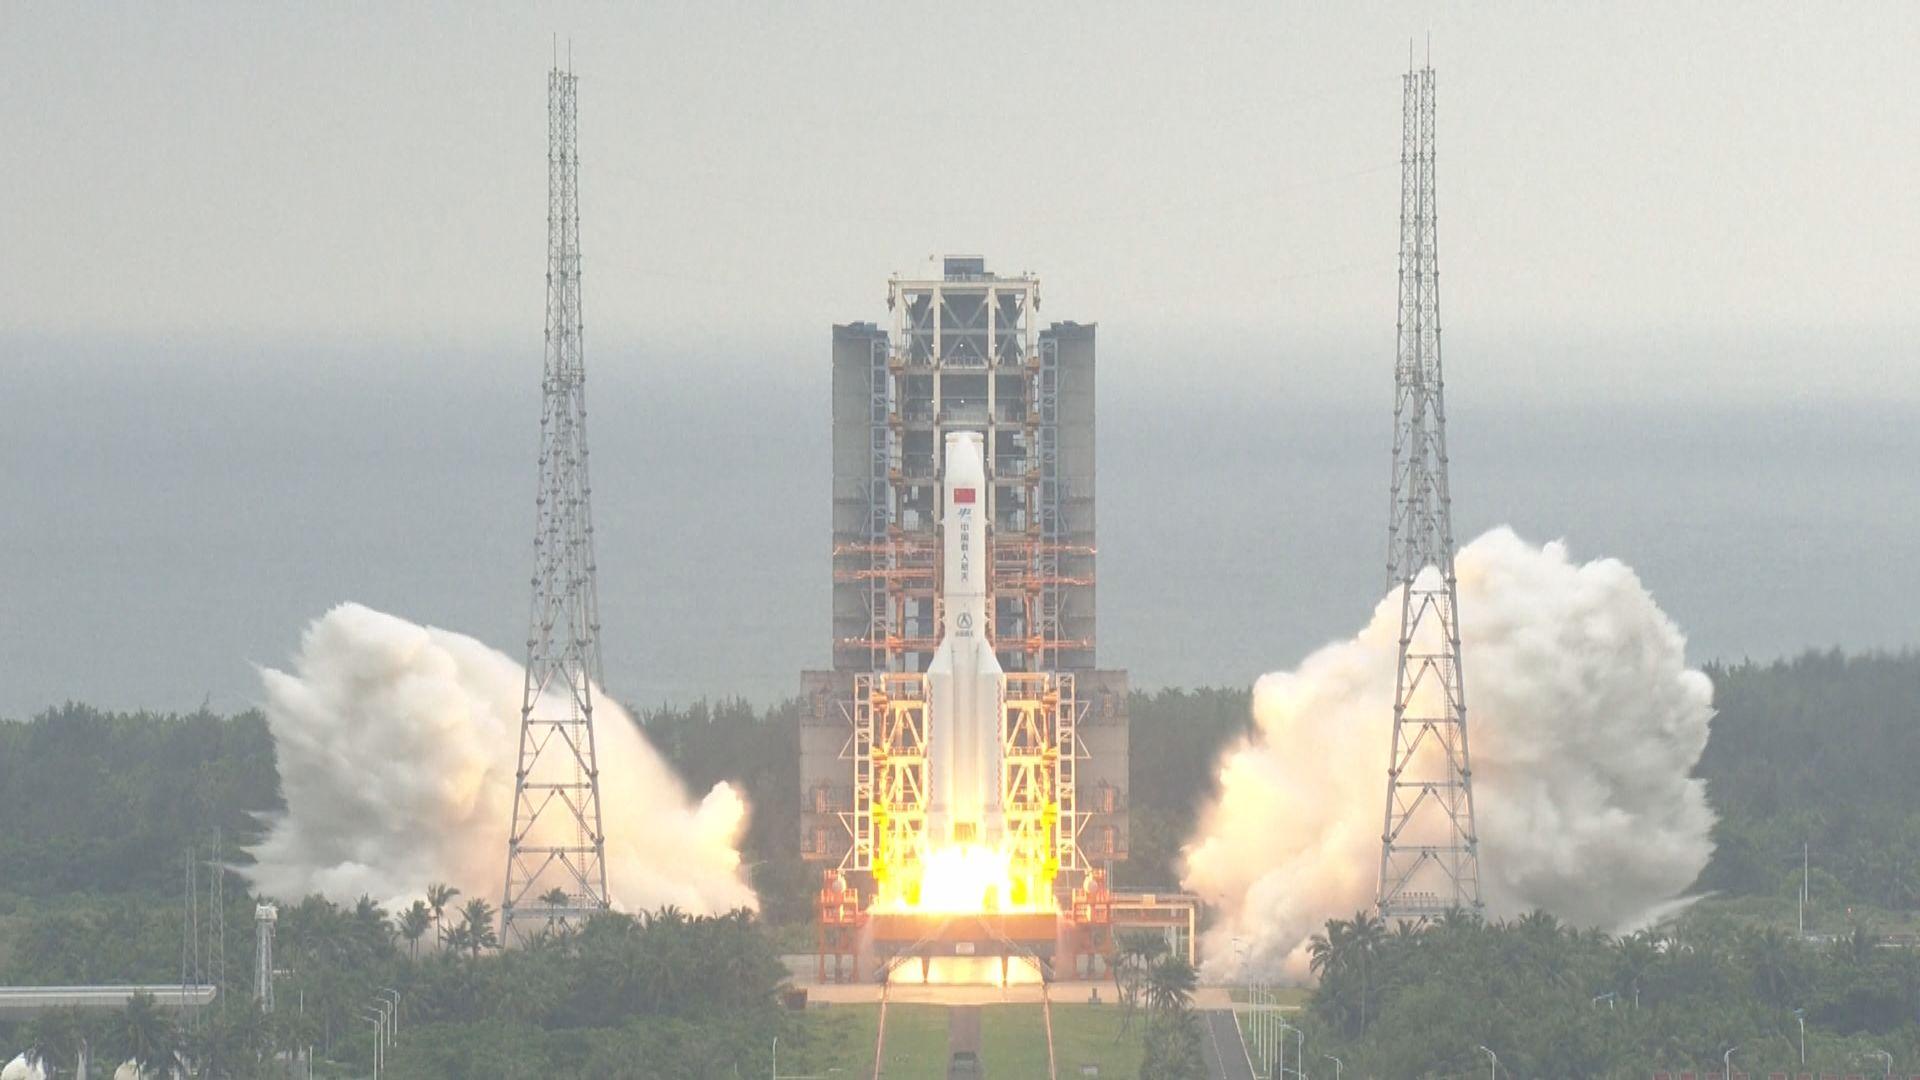 習近平:建造太空站是實現中國載人航天工程「三步走」戰略重要目標